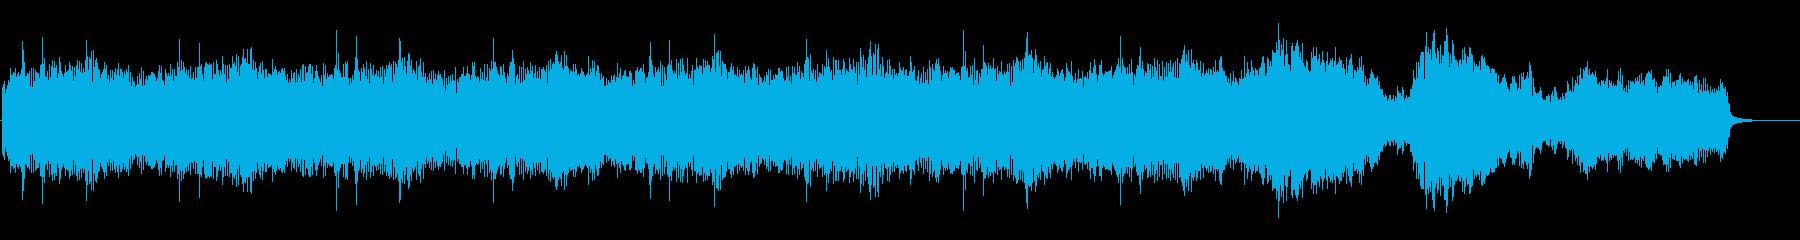 ダークファンタジー 脅威を描いたジングルの再生済みの波形